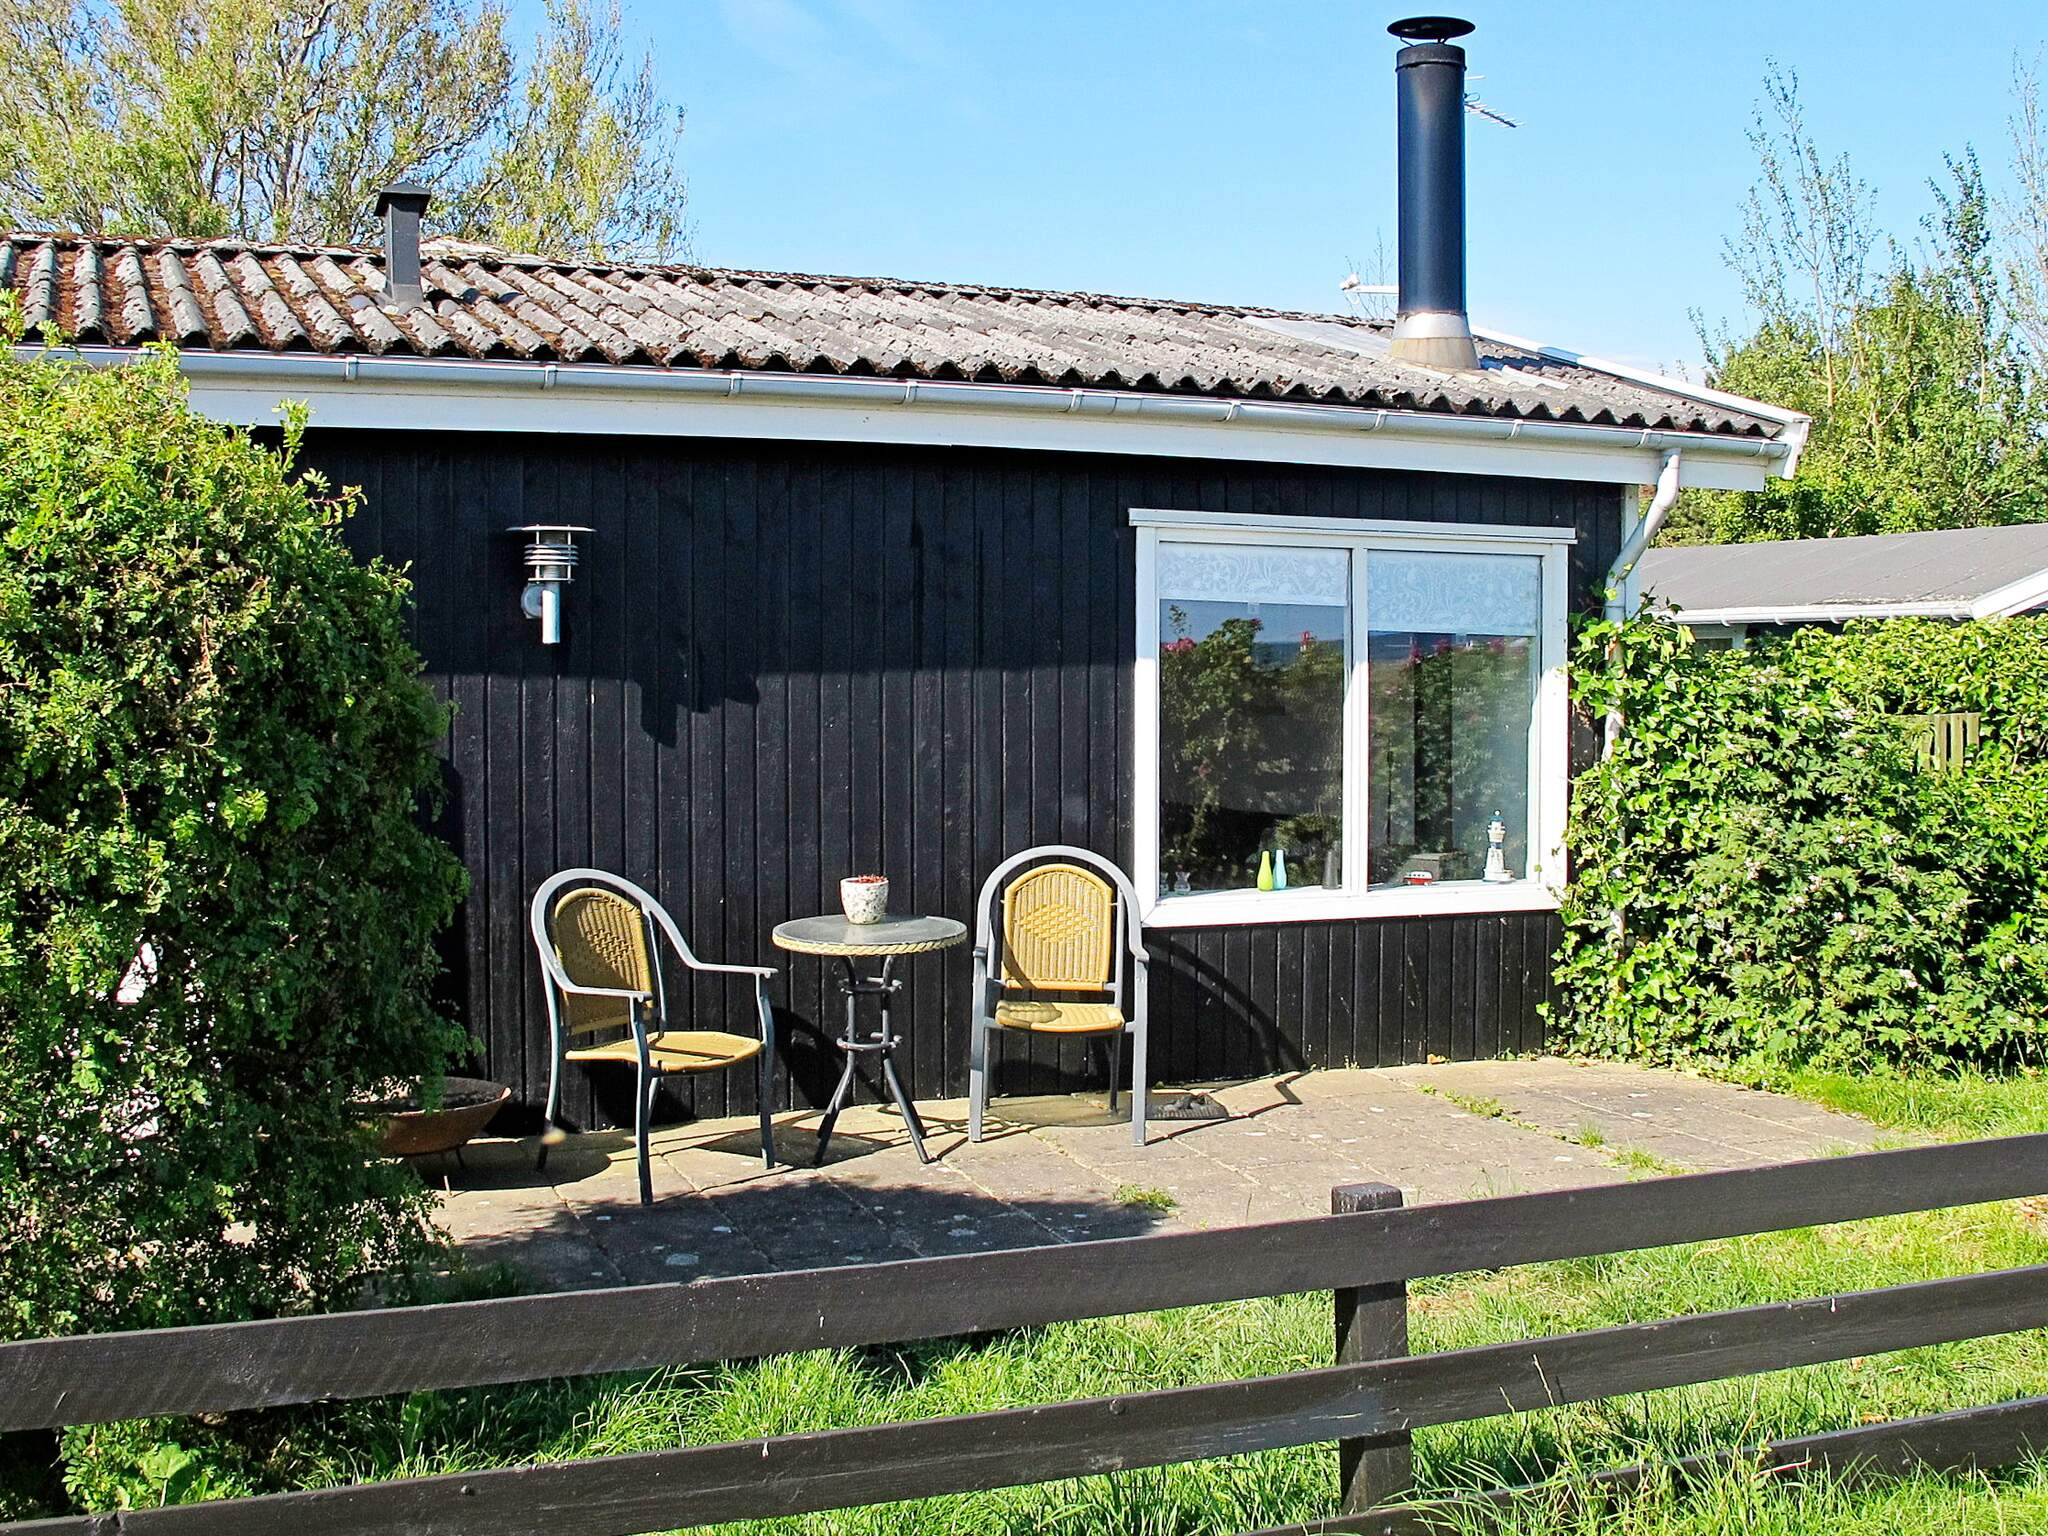 Ferienhaus Ulvshale (238287), Stege, , Møn, Dänemark, Bild 1